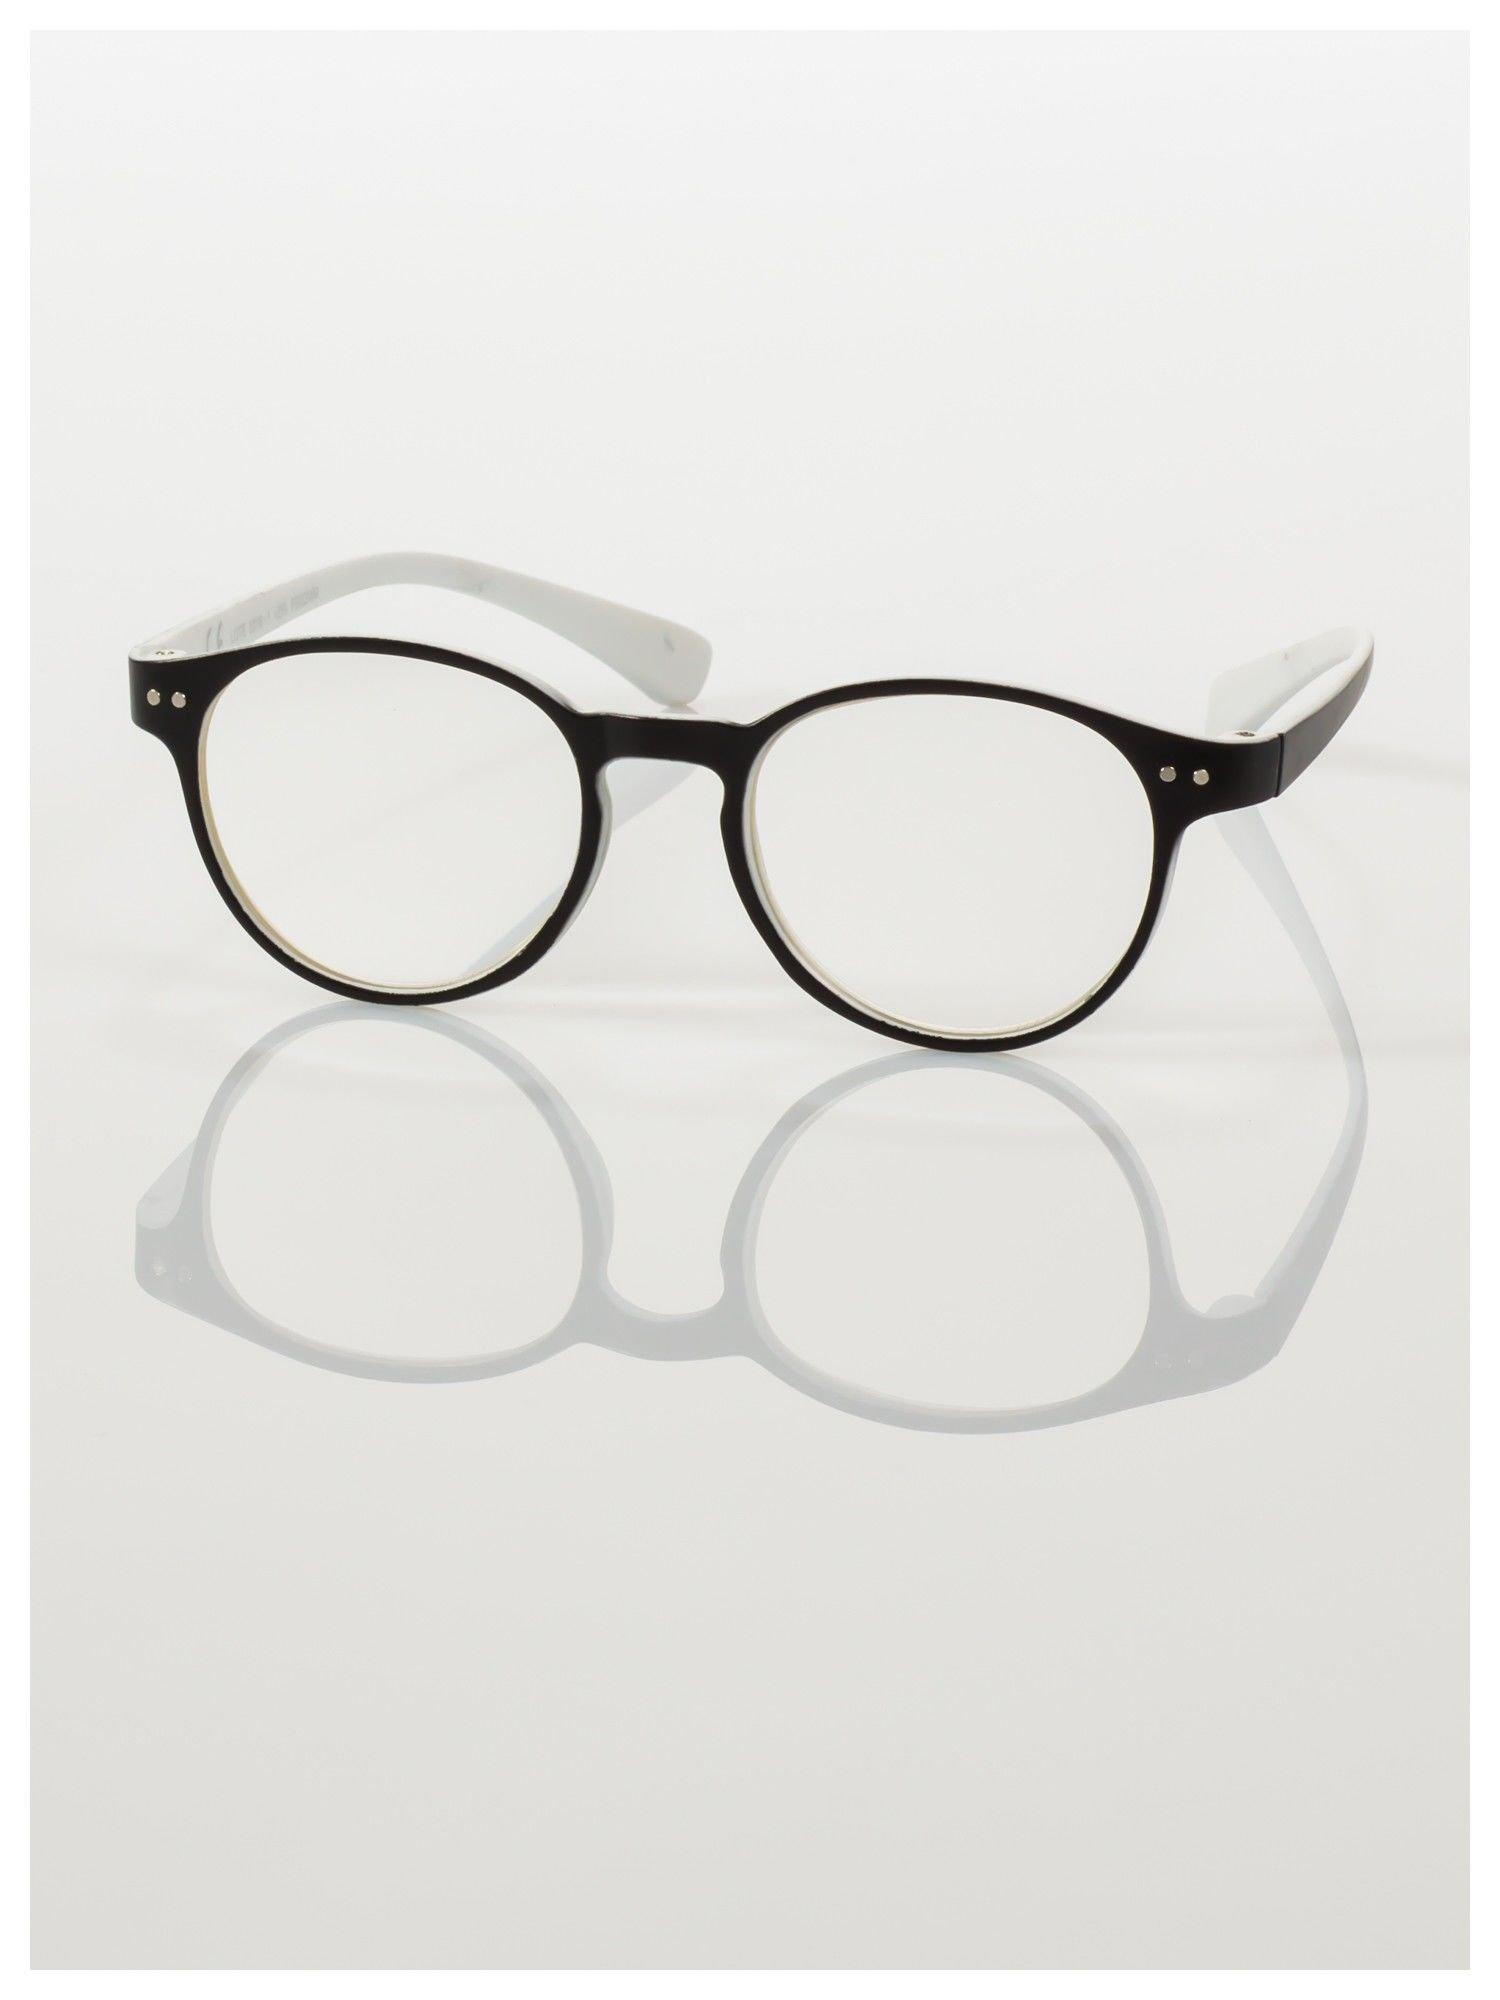 Okulary korekcyjne  +3.5 D dwukolorowe ,do czytania, stylizowane na RAY BAN +GRATIS PLASTIKOWE ETUI I ŚCIERECZKA Z MIKROFIBRY                                  zdj.                                  2